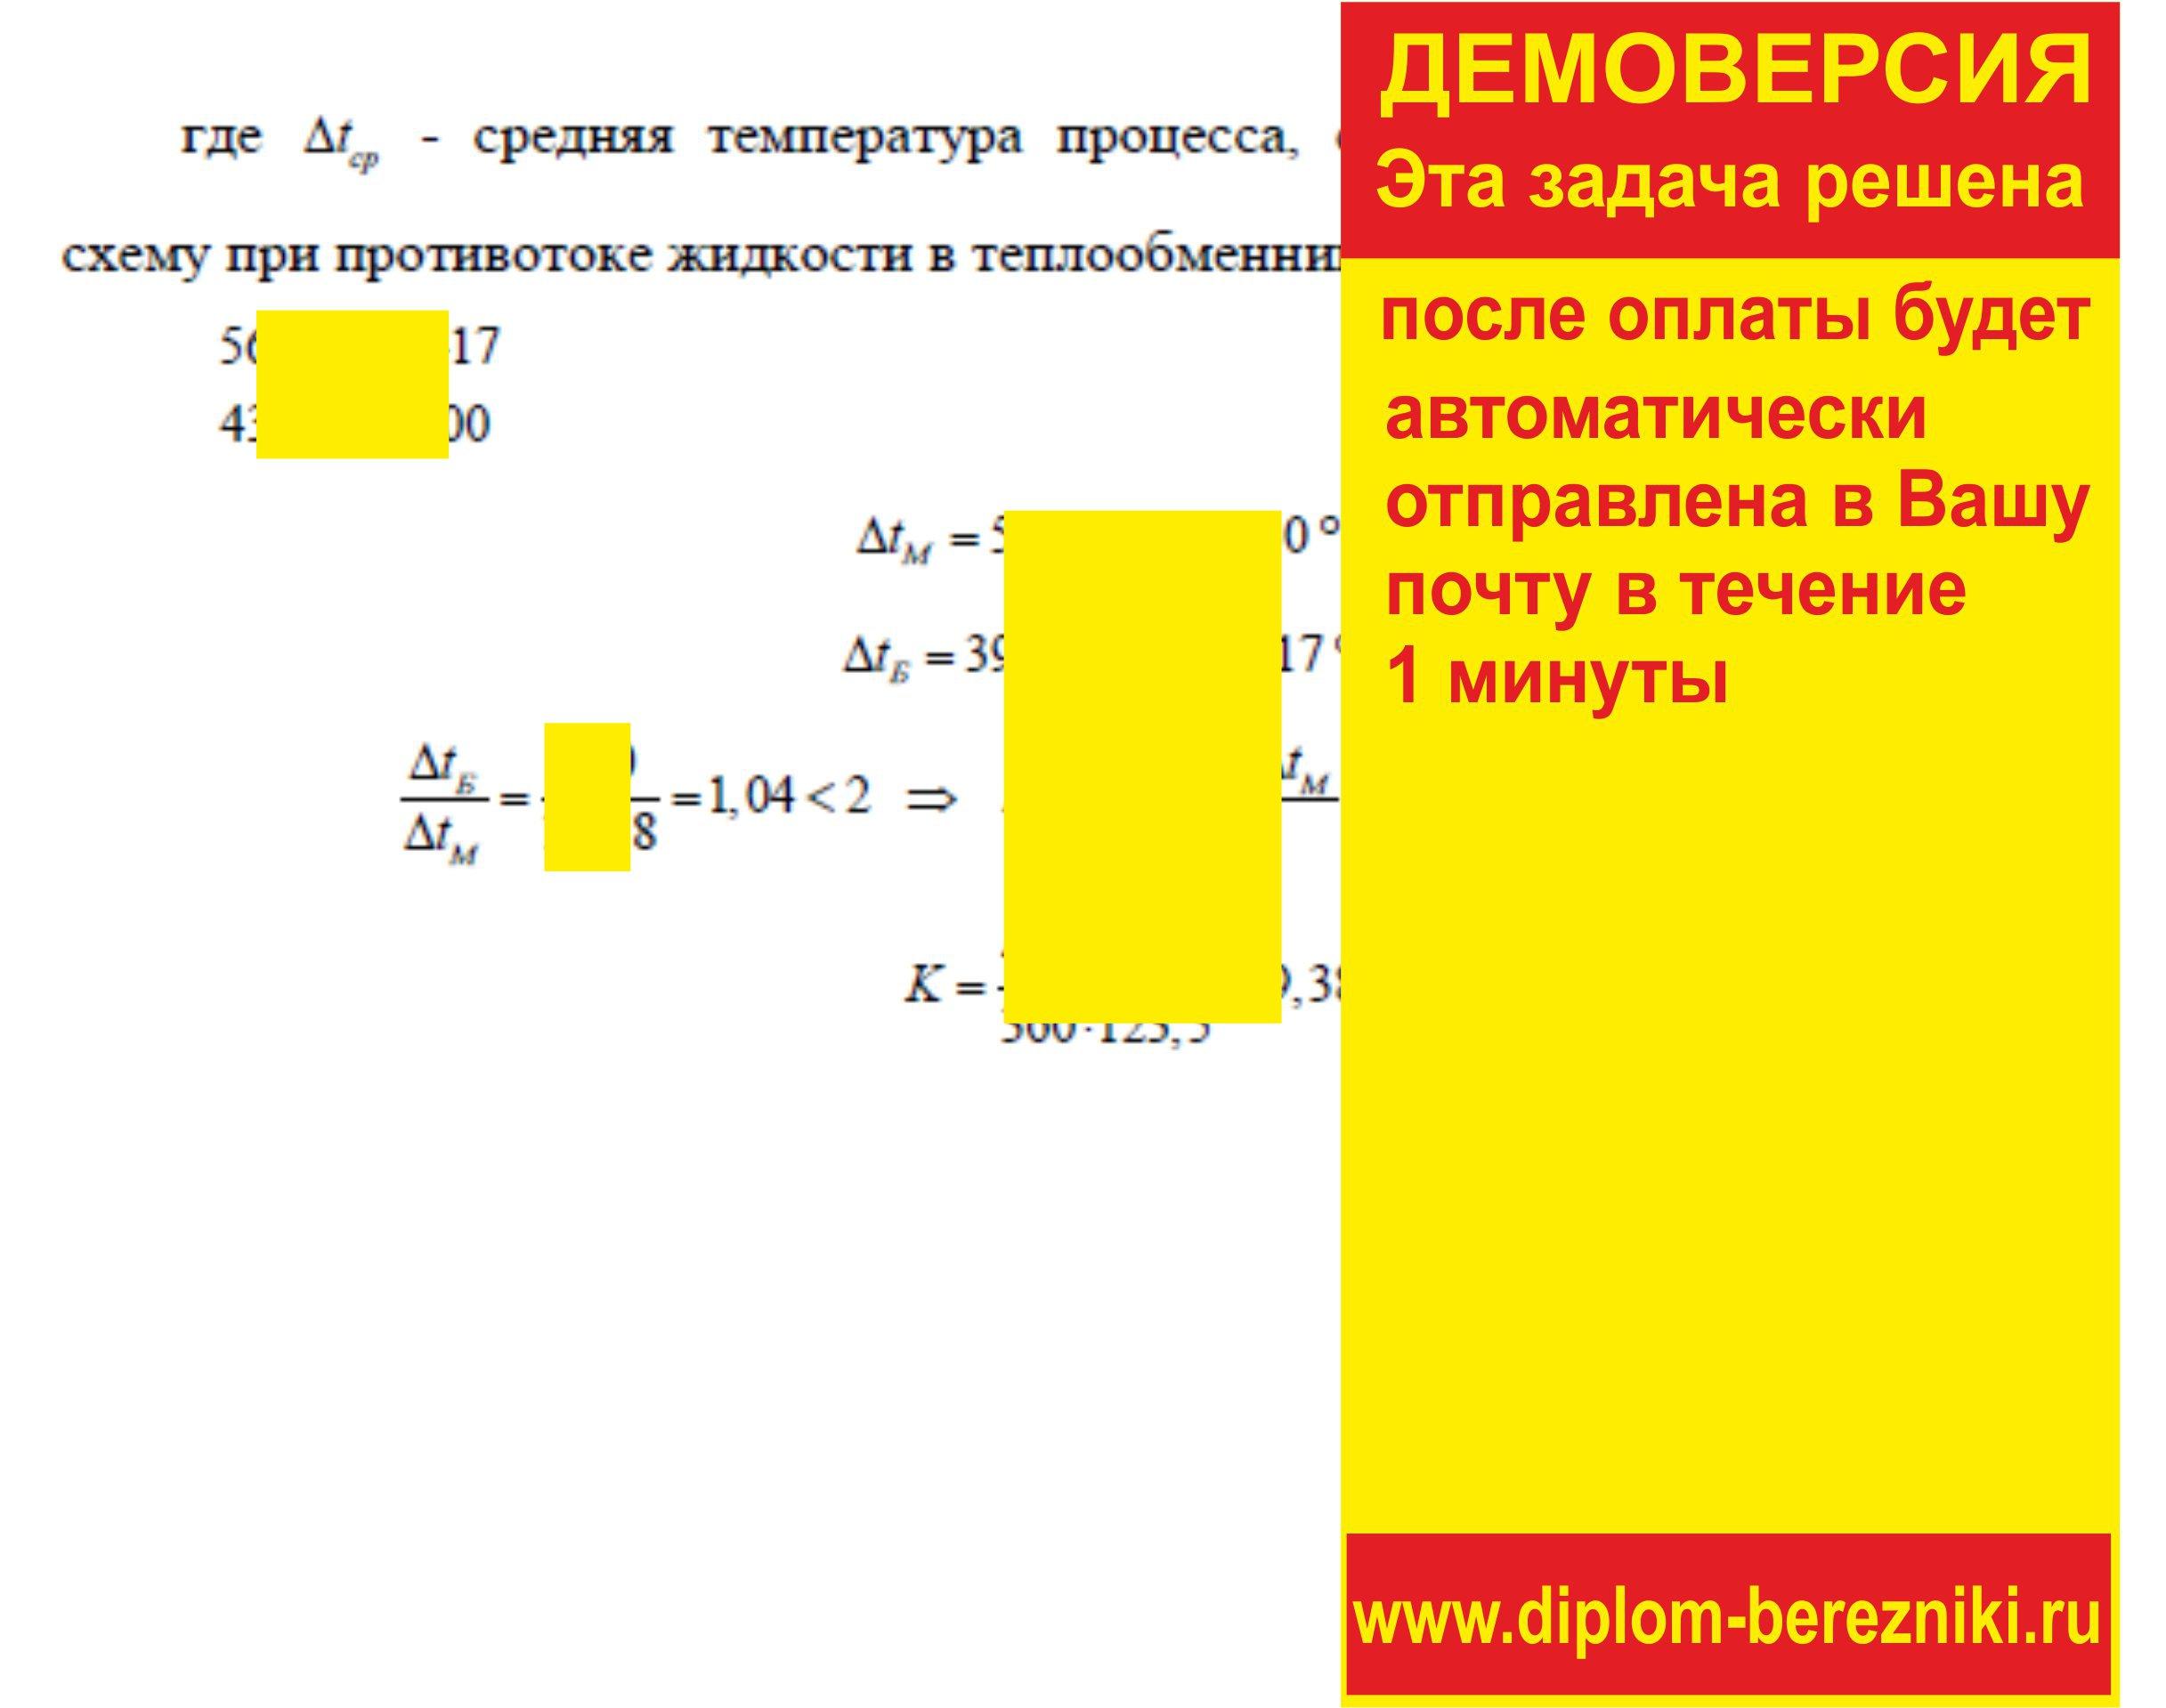 Решение задачи 4.19 по ПАХТ из задачника Павлова Романкова Носкова